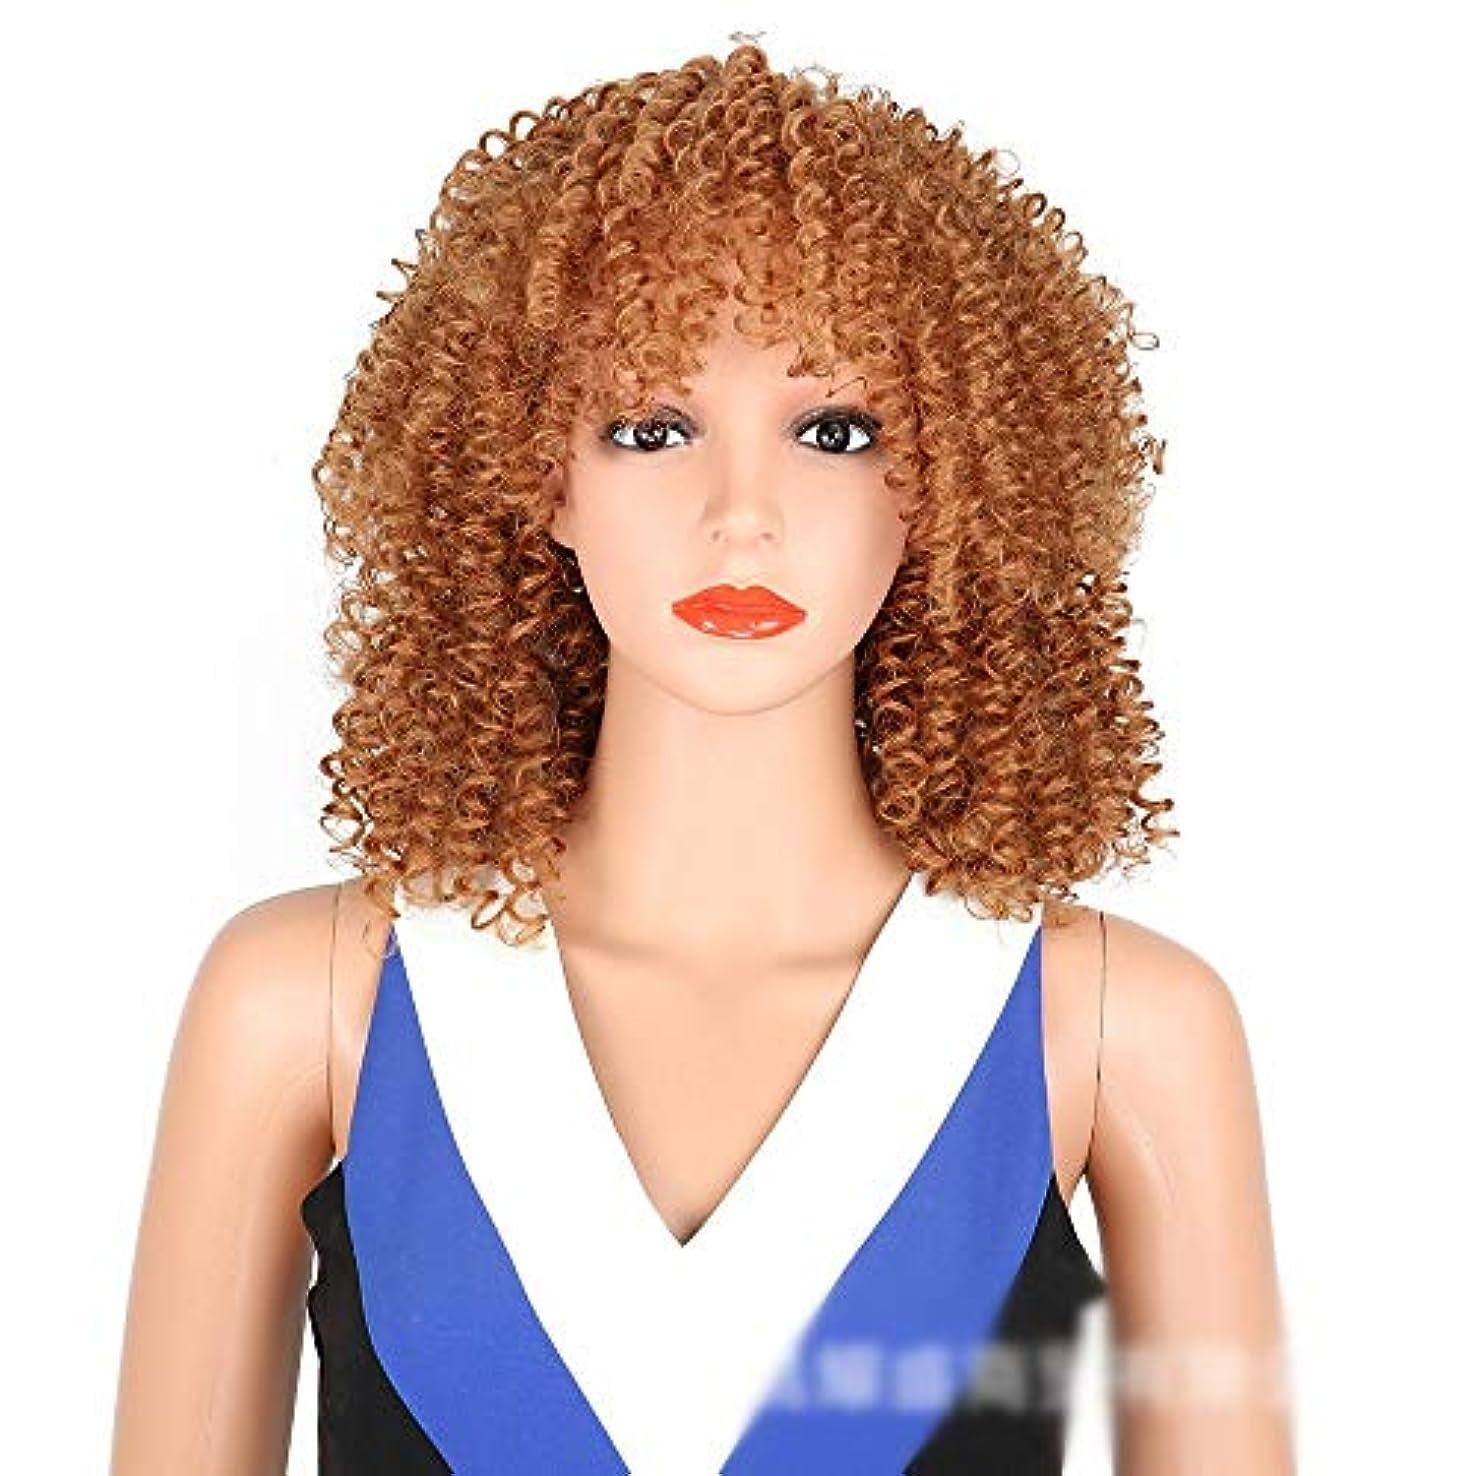 出力じゃない狂ったJULYTER 前髪爆発ヘッドささやかな巻き毛のかつらコスプレパーティートリムでアフリカの黒人女性の短い巻き毛 (色 : ブラウン)